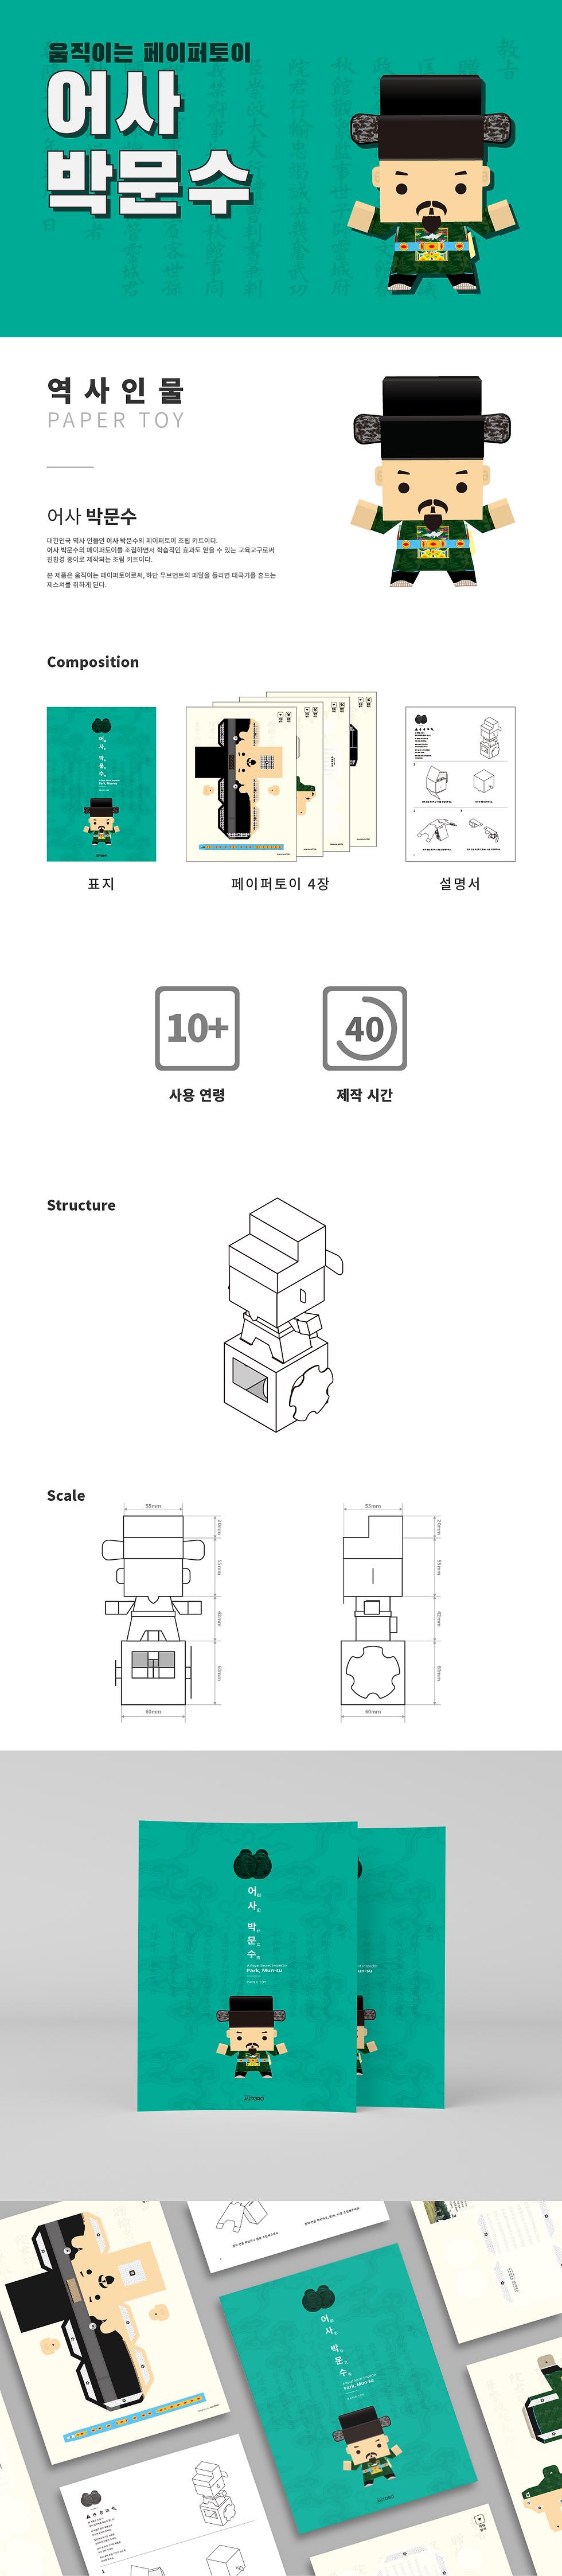 01-03. 어사 박문수_무브먼트_상세페이지.png